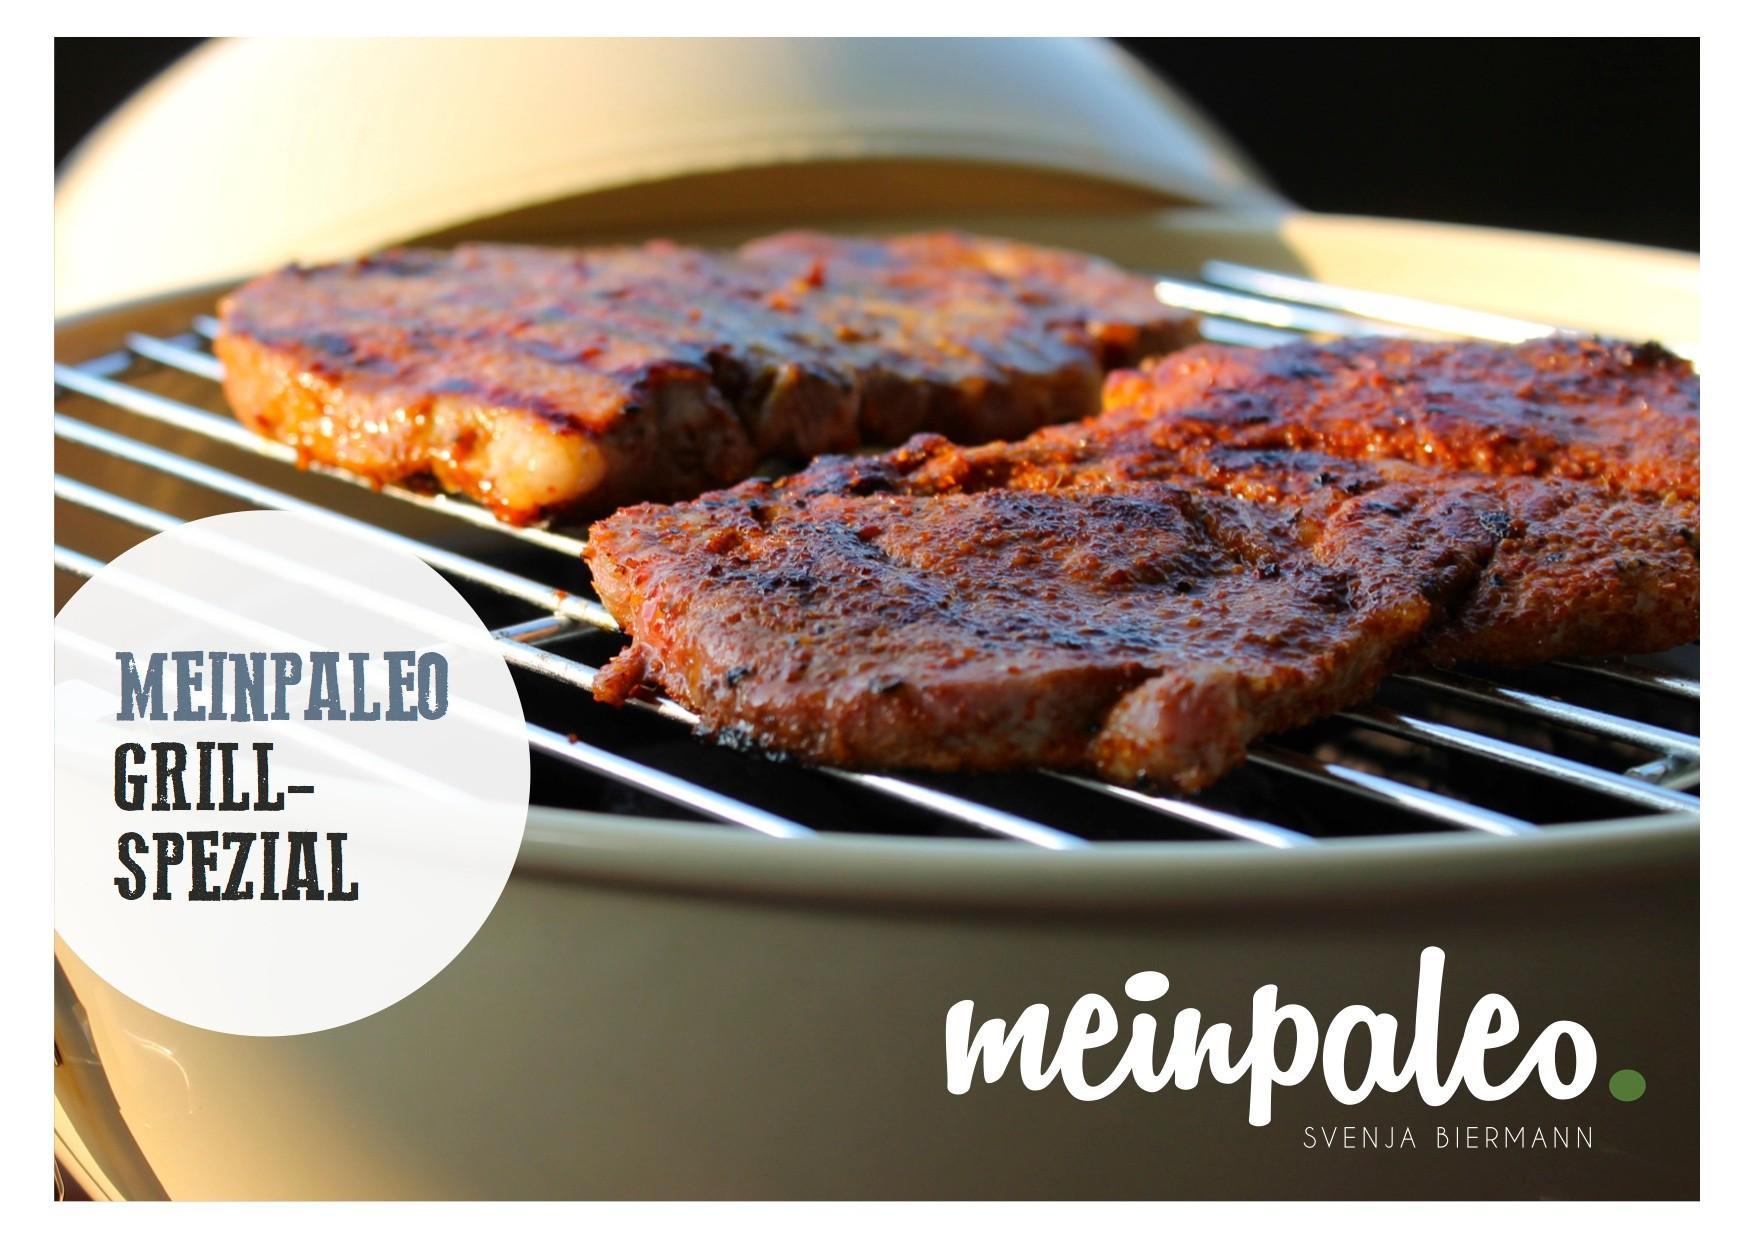 meinpaleo Grill Spezial